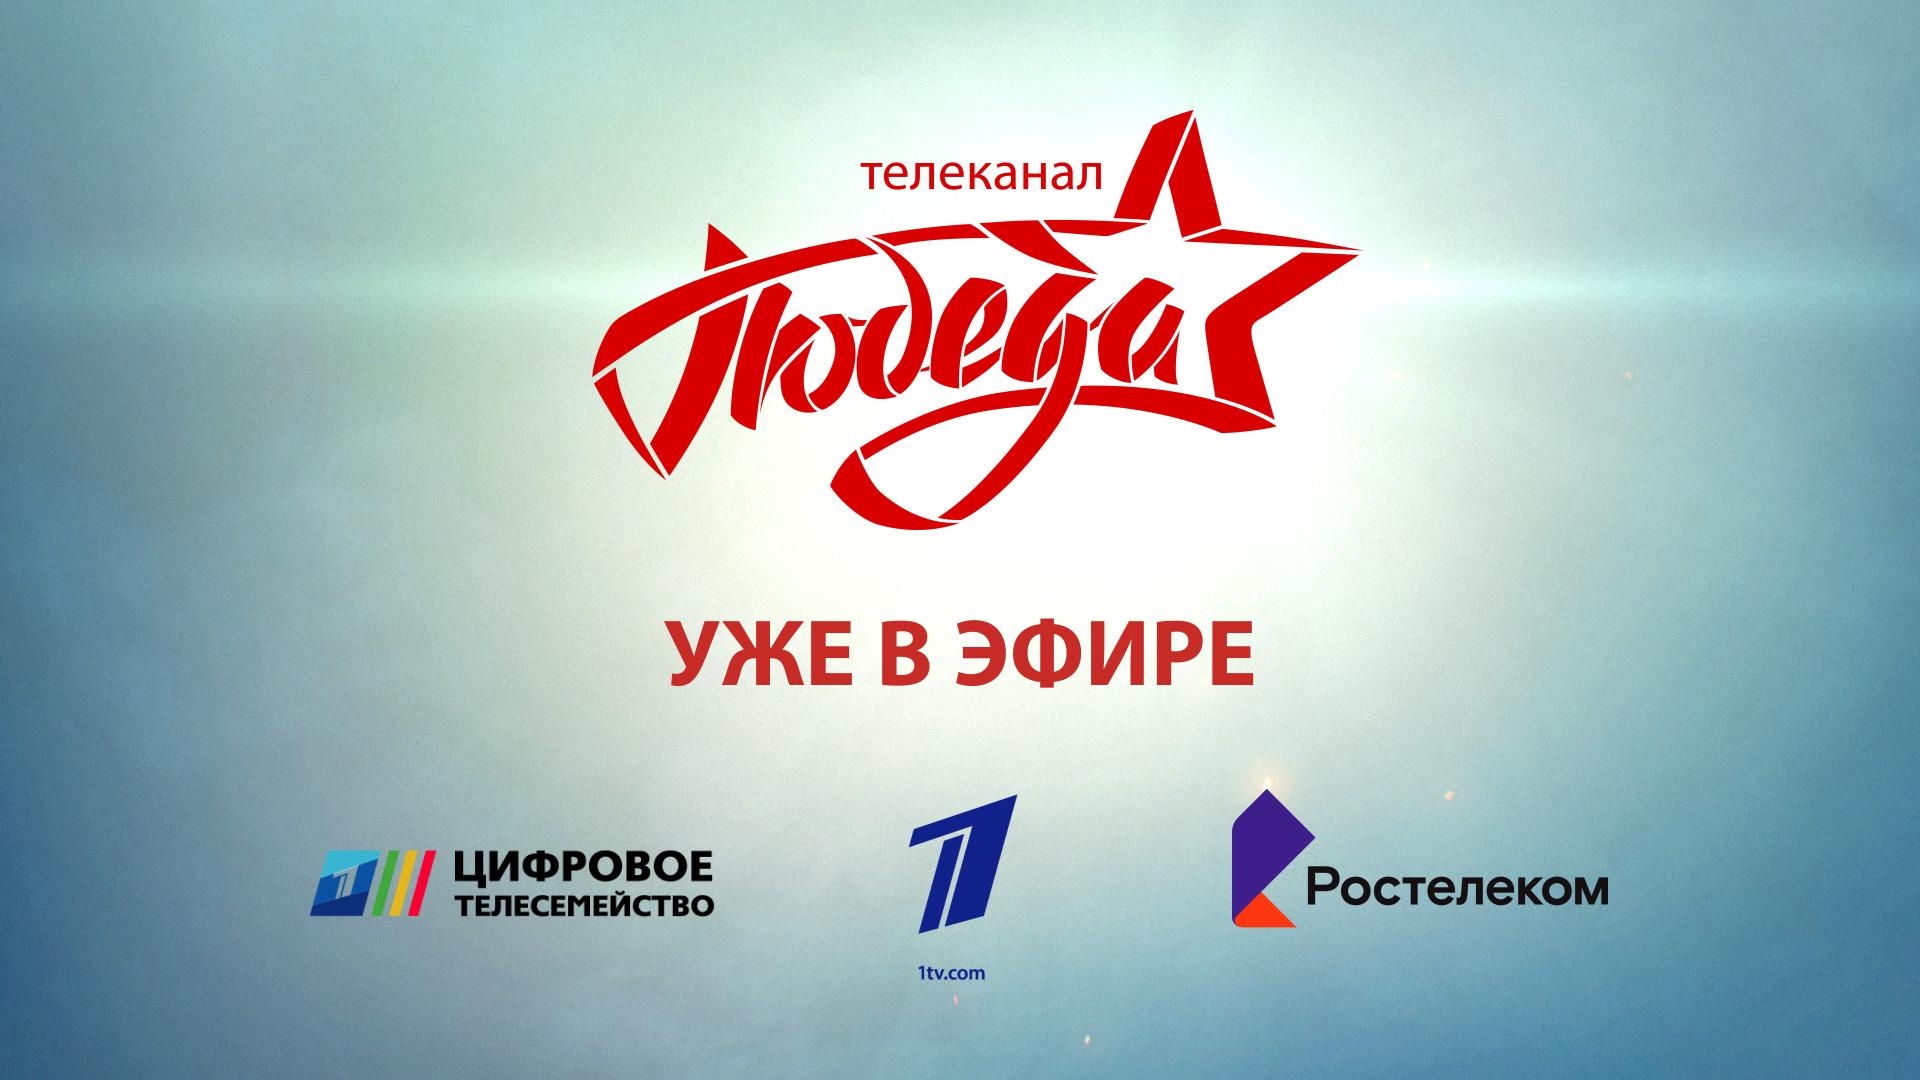 Телеканал «Победа»